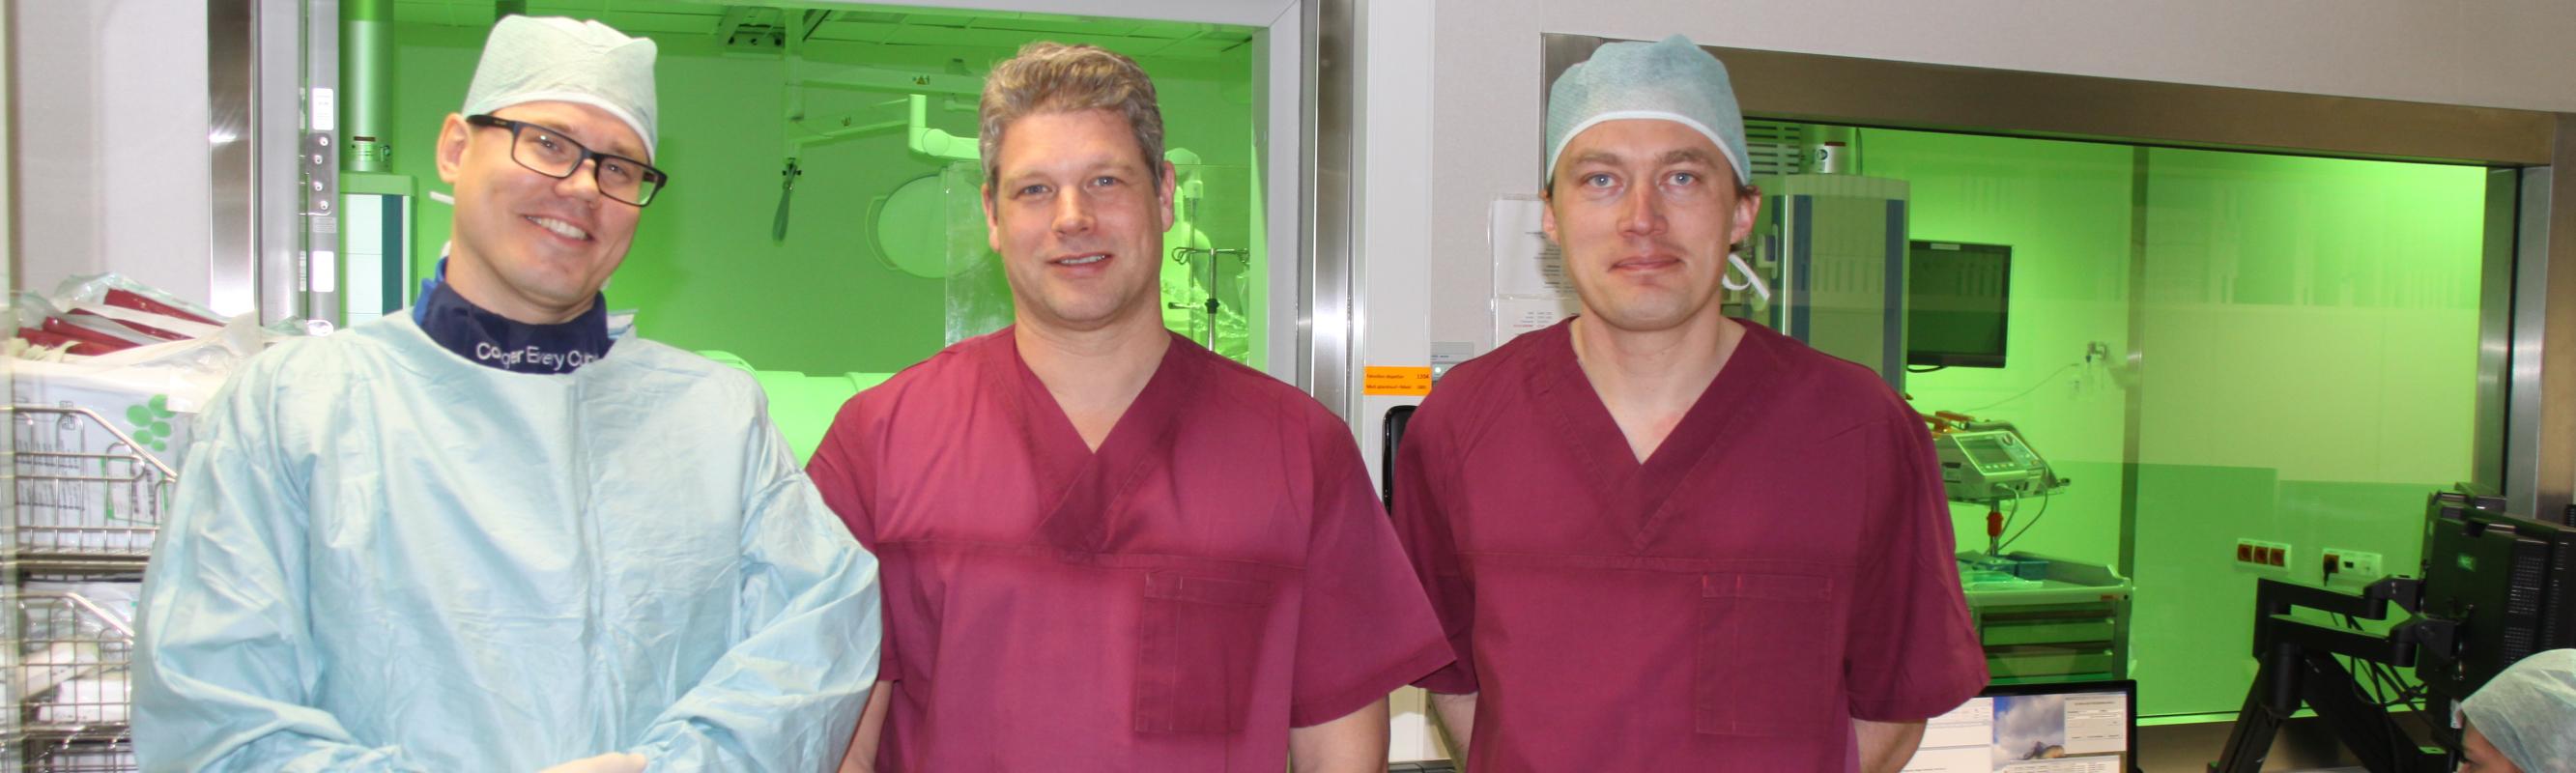 Dr Hanni, dr Wissner ja dr Kampus peale Stereotaxis protseduuri